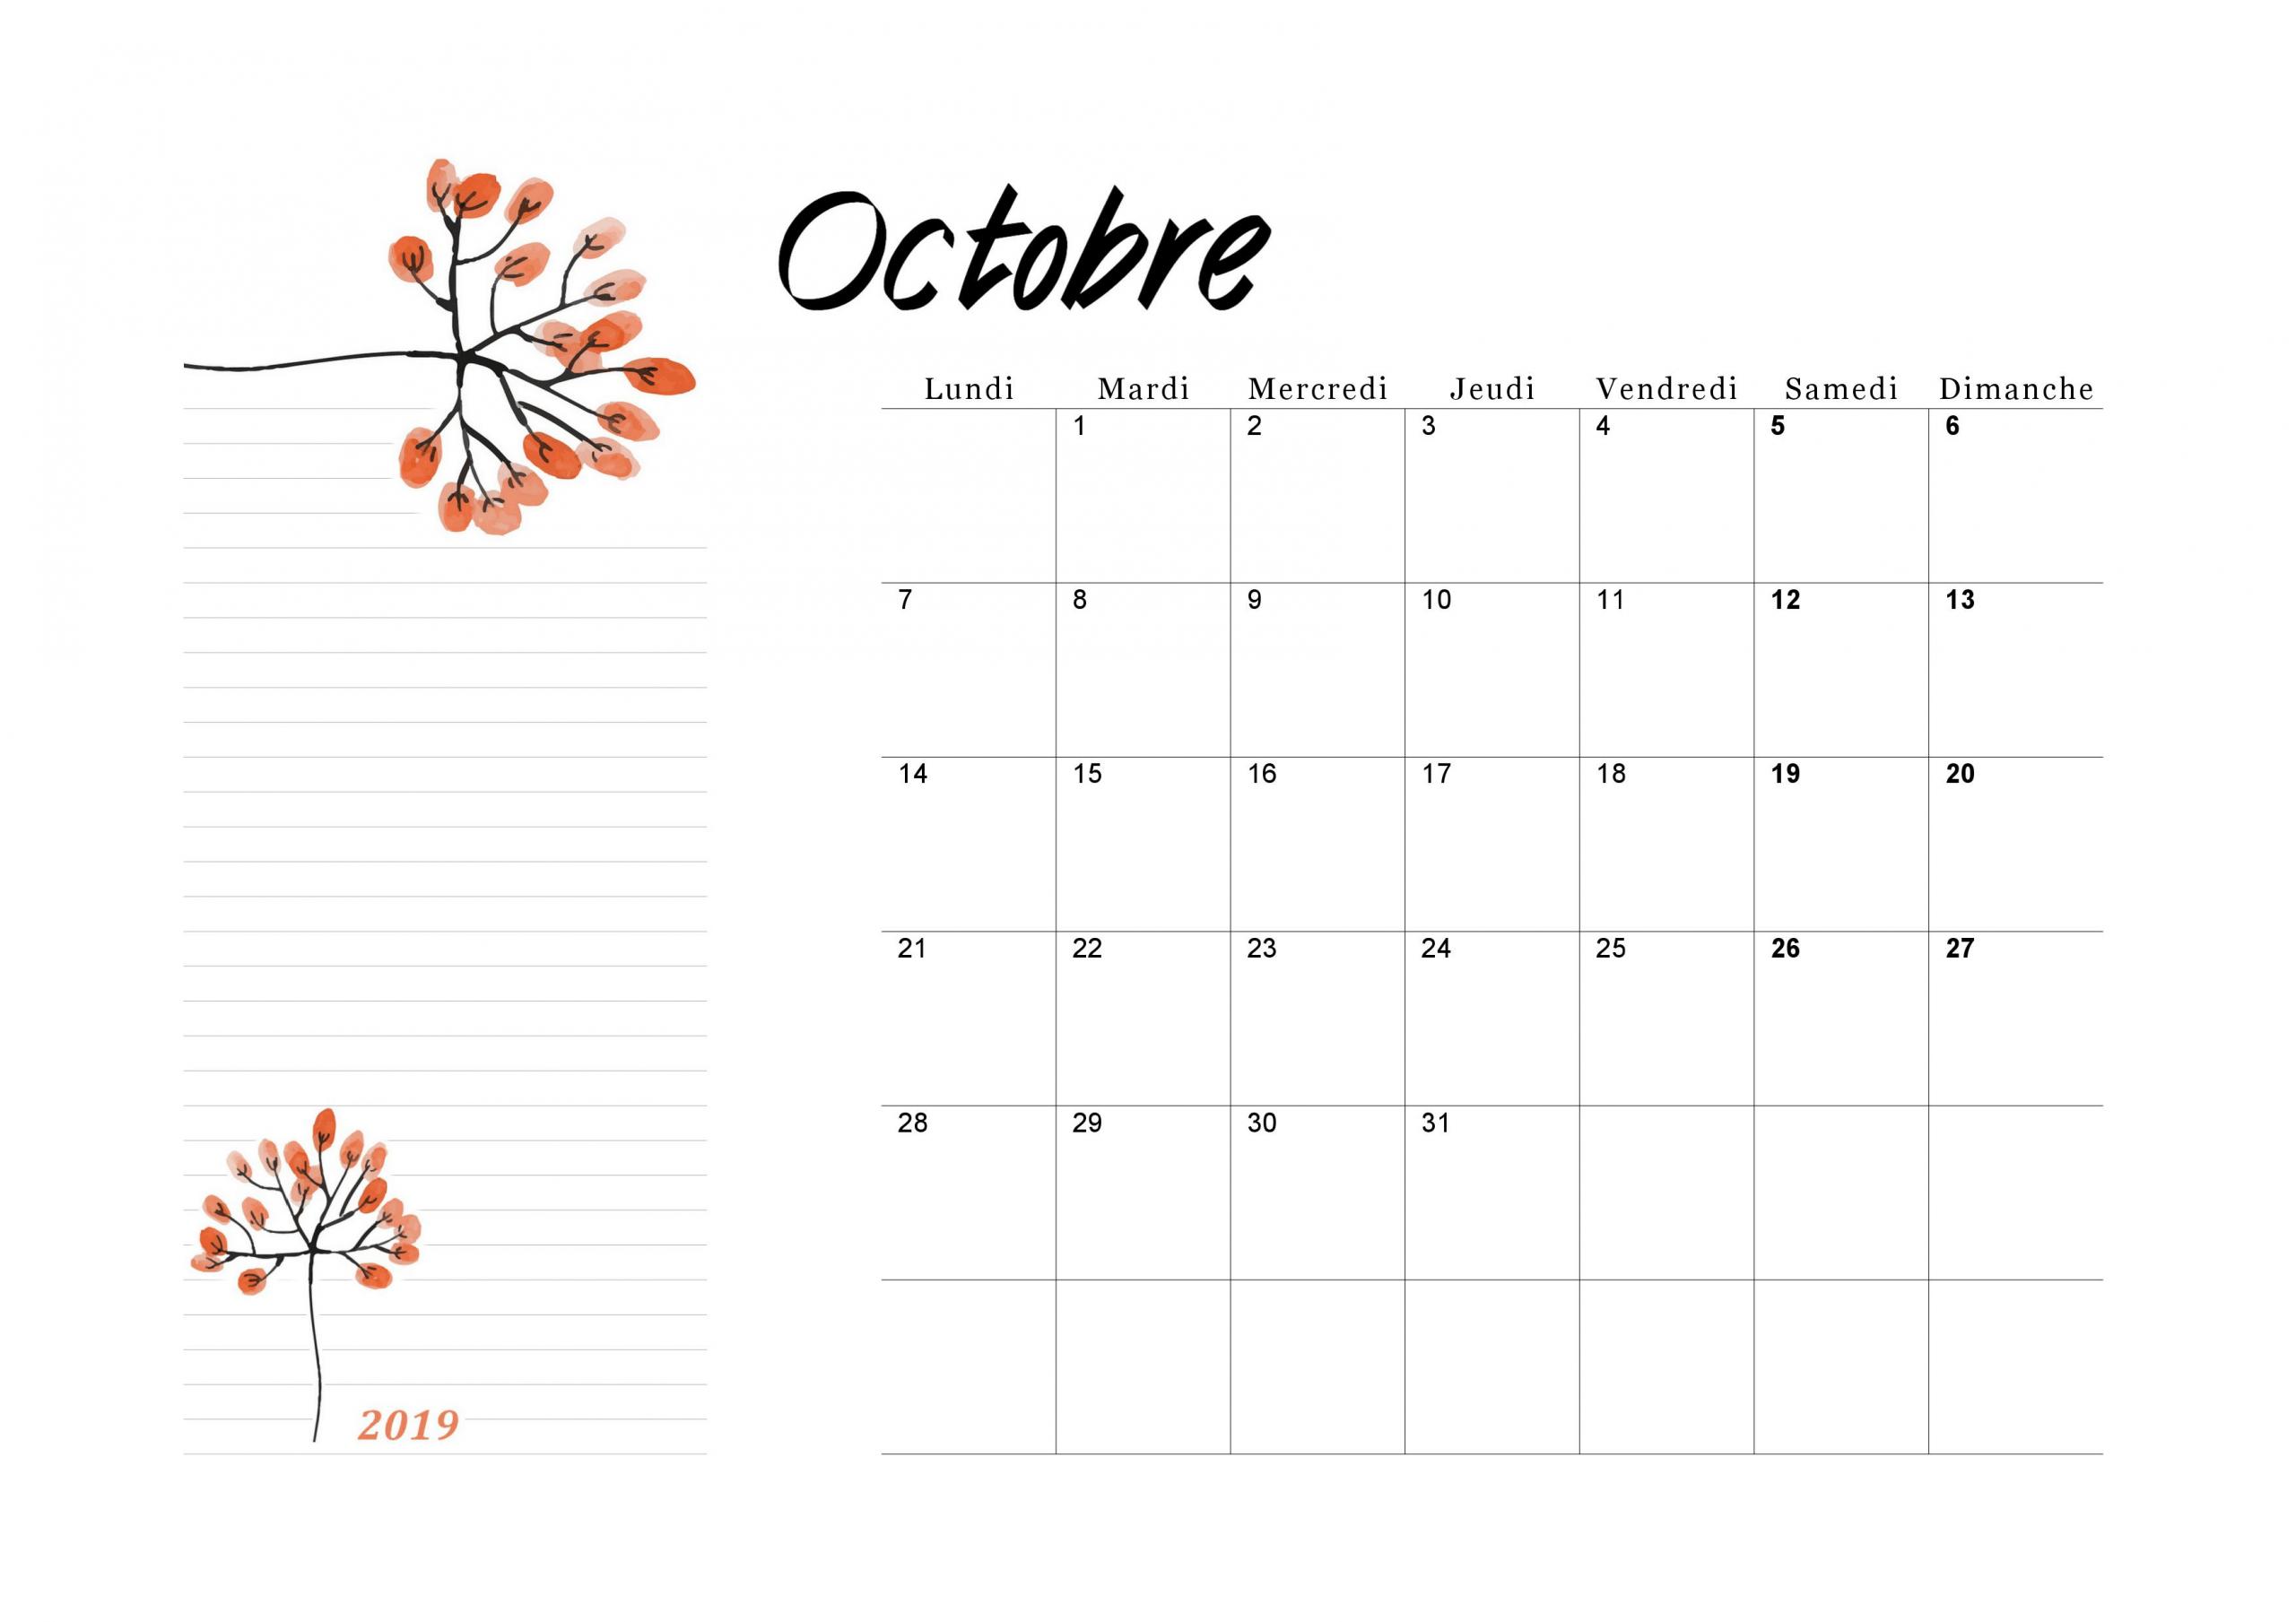 Calendrier Octobre 2019 À Imprimer - Calendriers Imprimables à Imprimer Des Calendriers